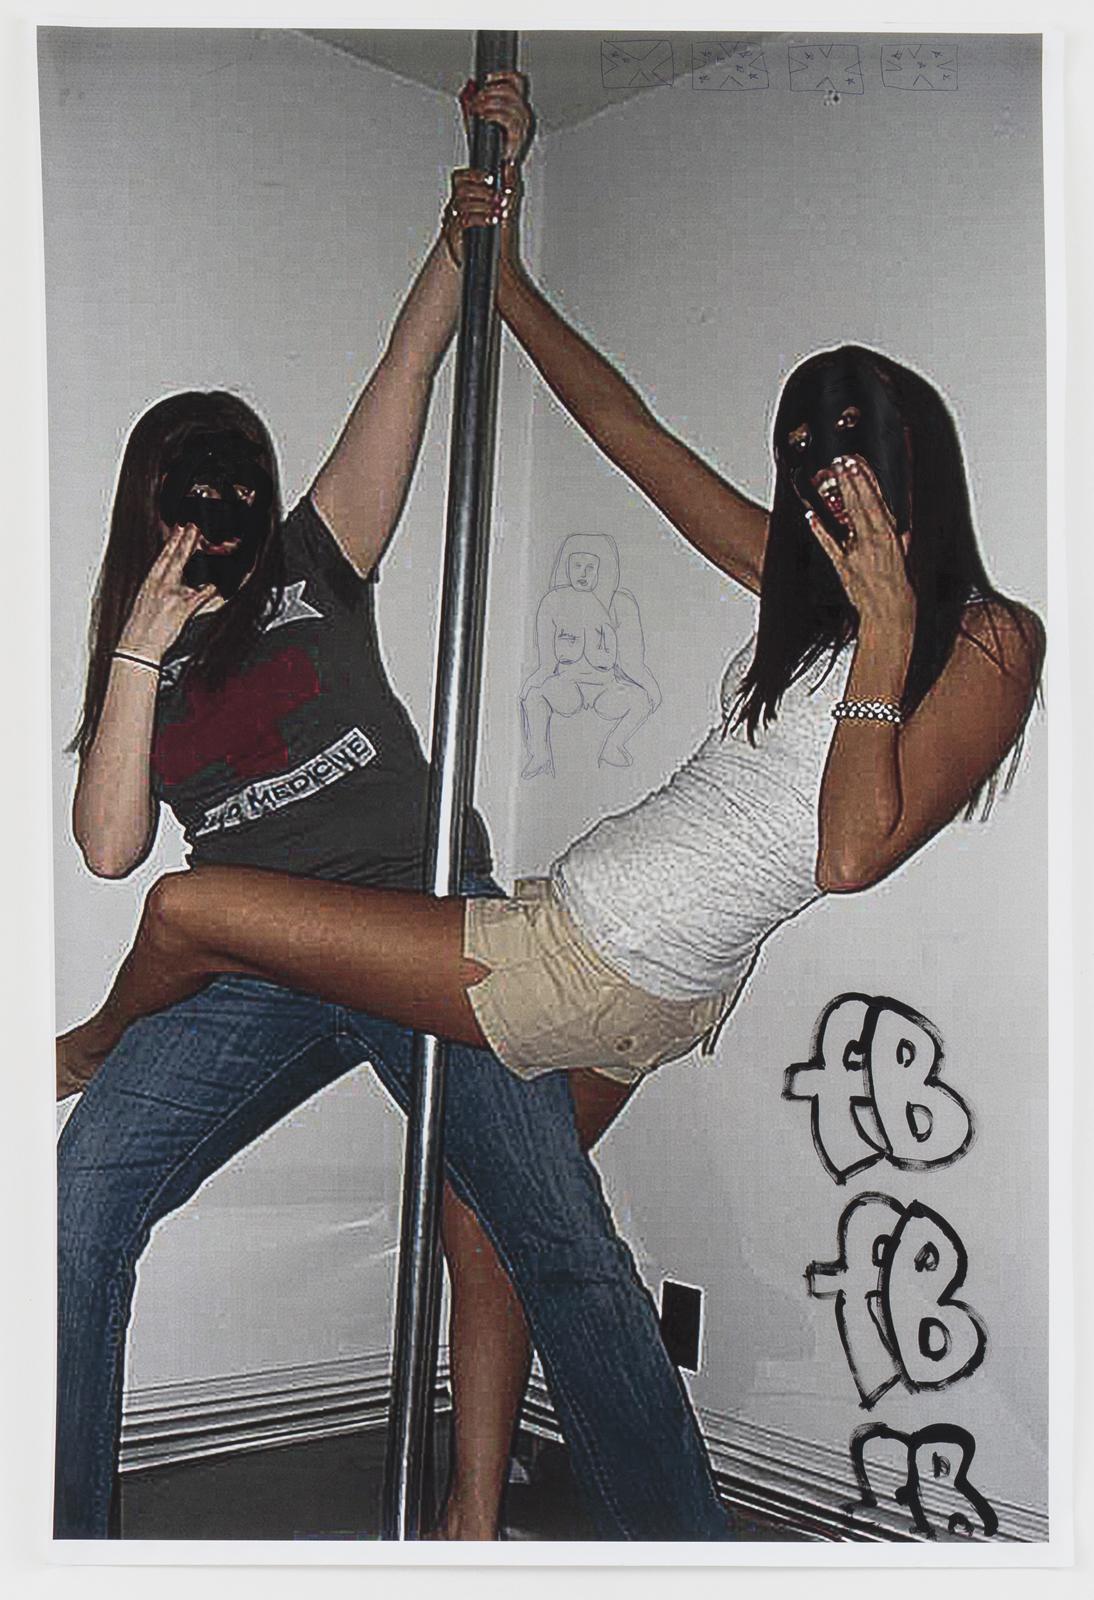 patia_borja_romeo_erotic.jpg